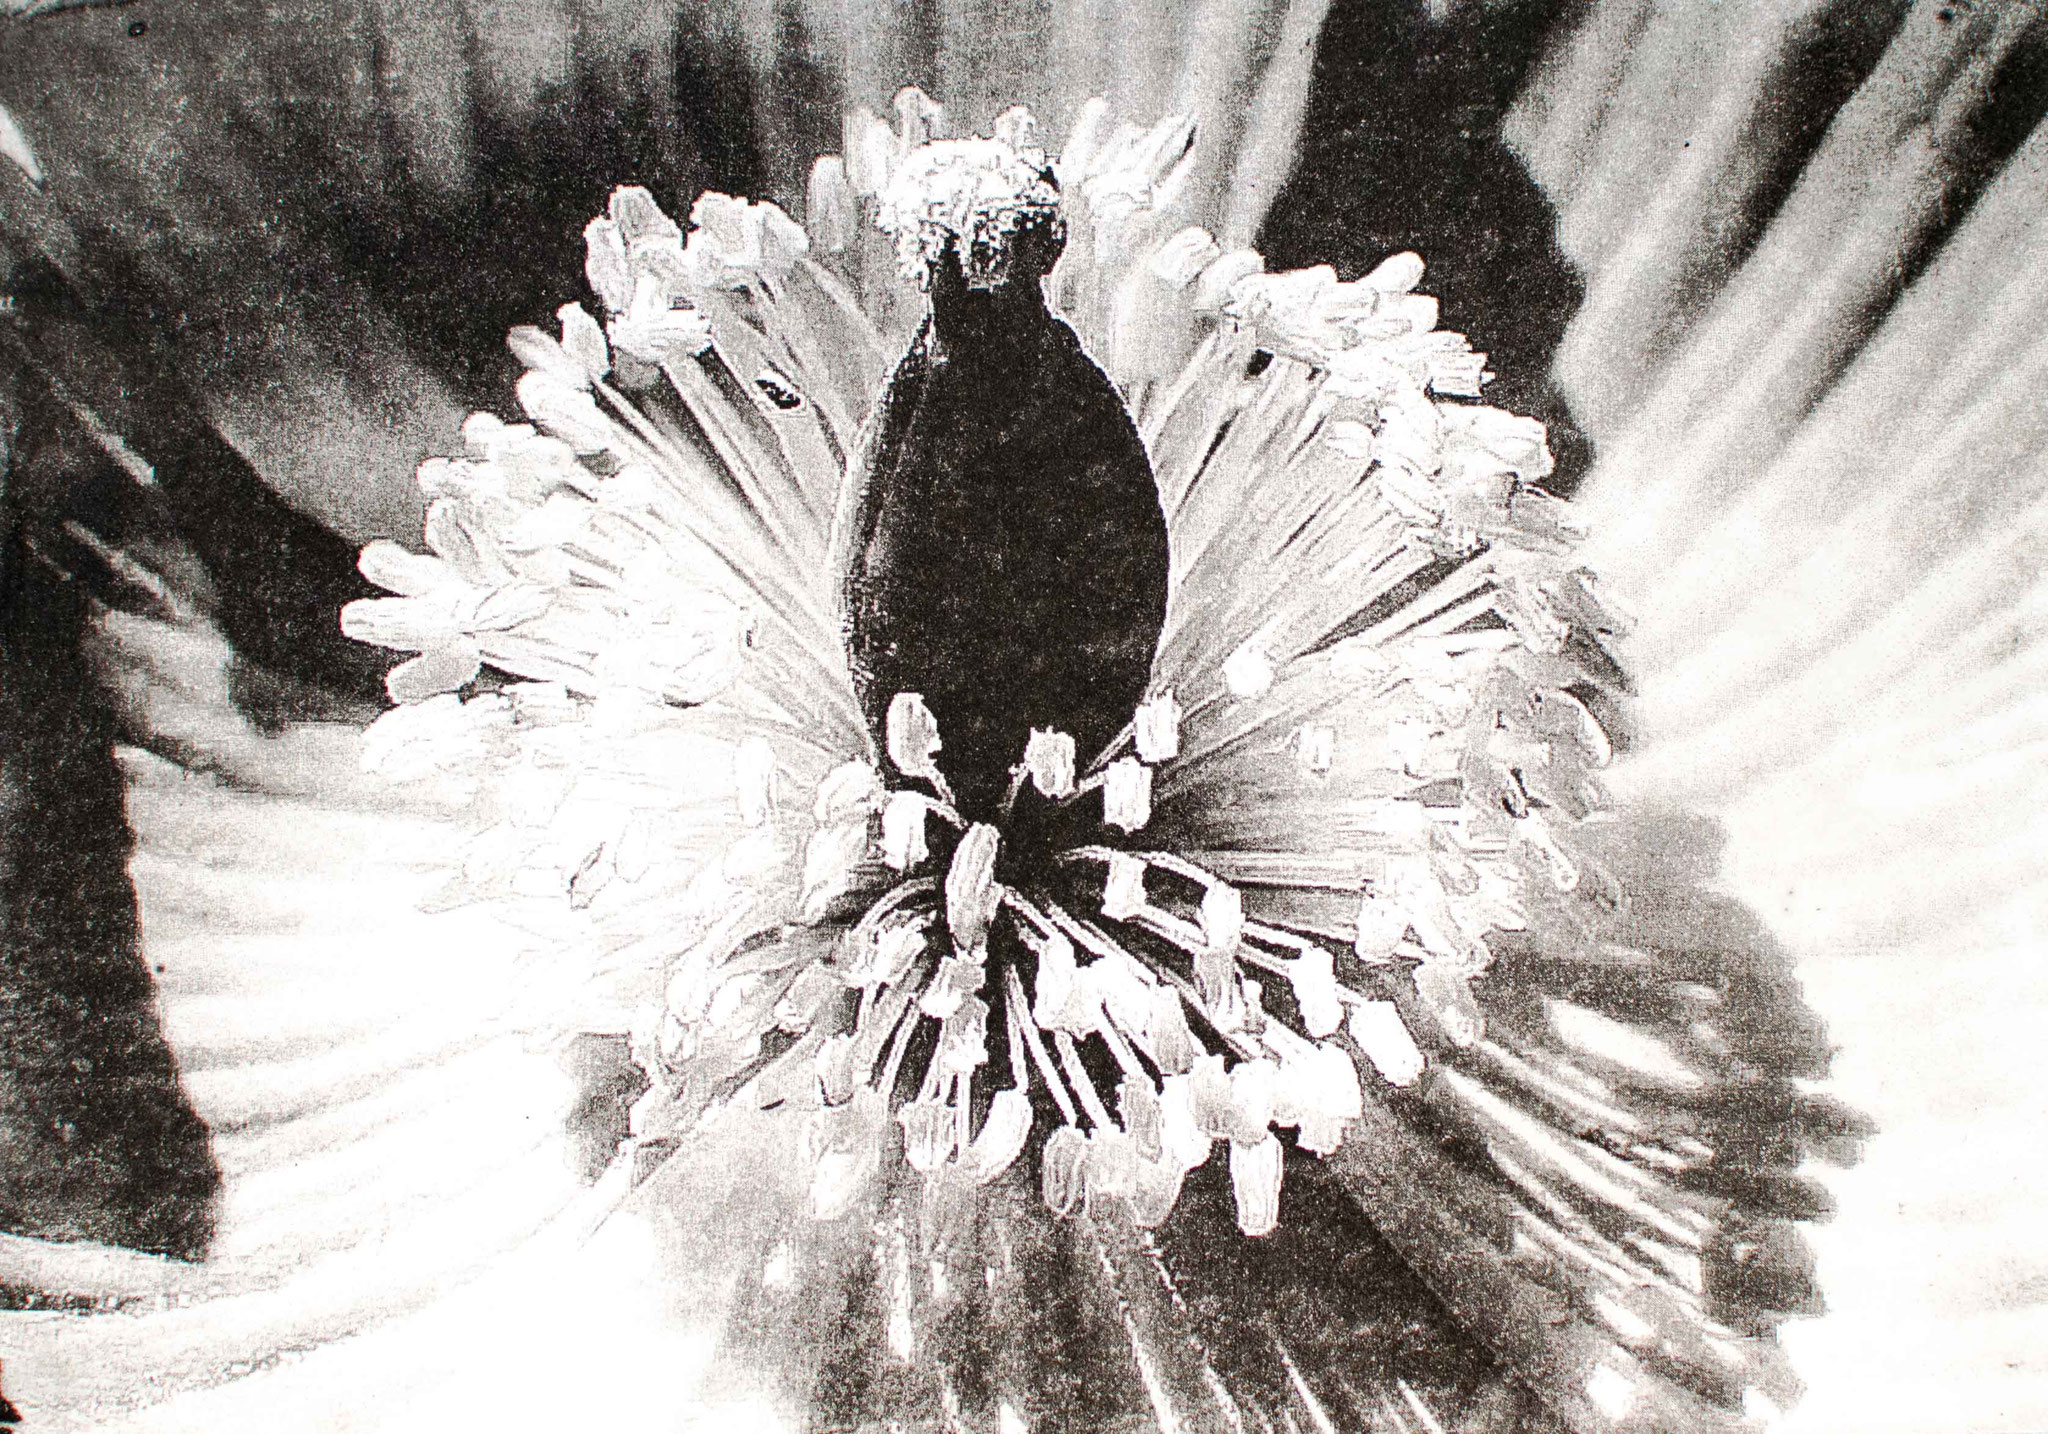 Intagliotypie, 20x30 cm, Mohn